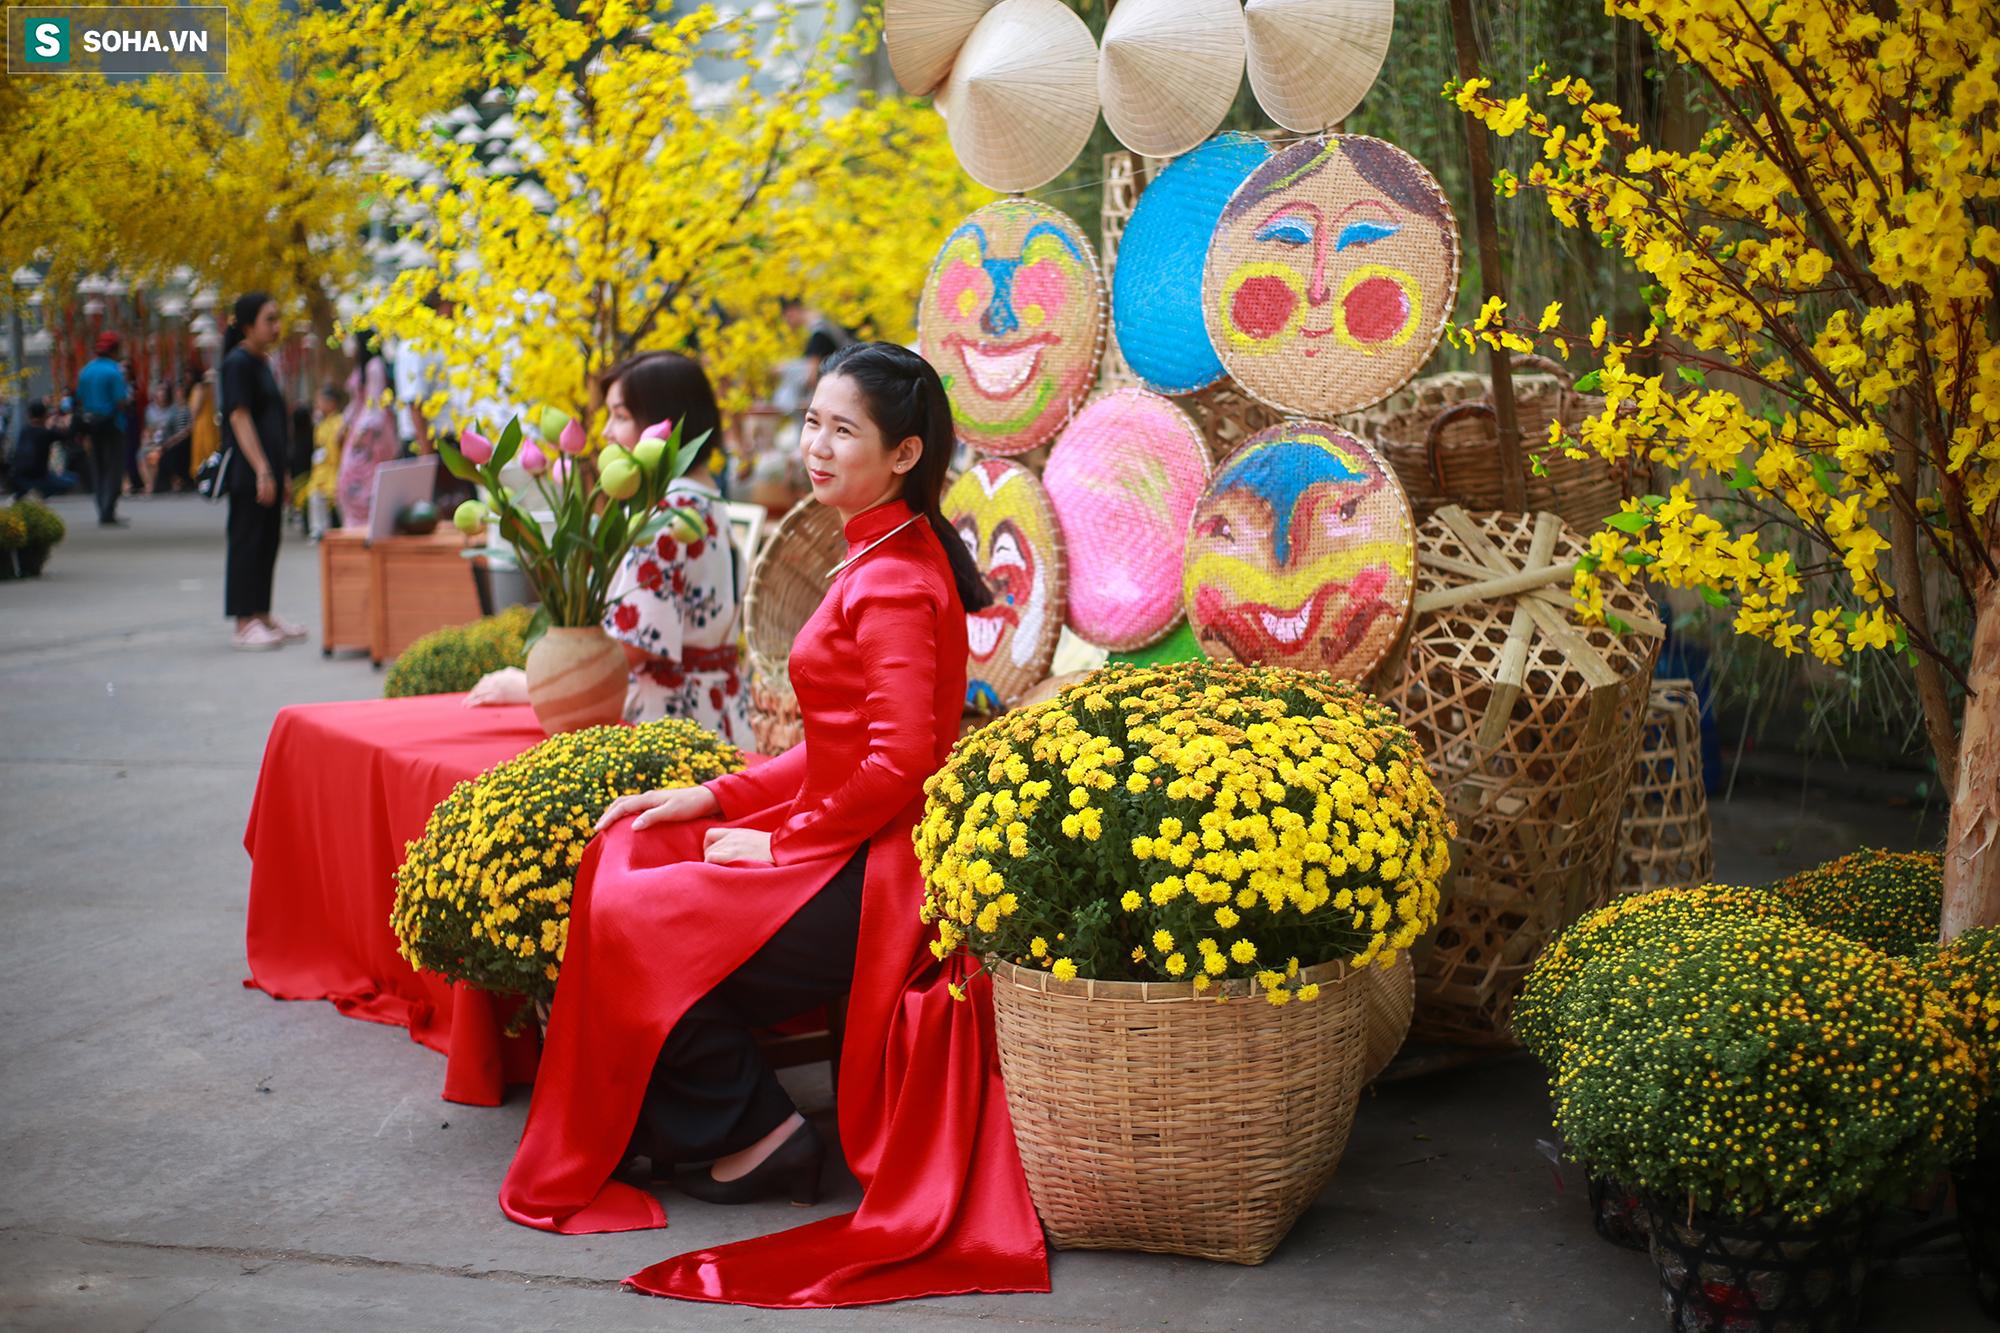 [Ảnh] Thiếu nữ Sài Gòn xinh đẹp xúng xính áo dài check-in sống ảo ở con đường hoa mai - Ảnh 10.